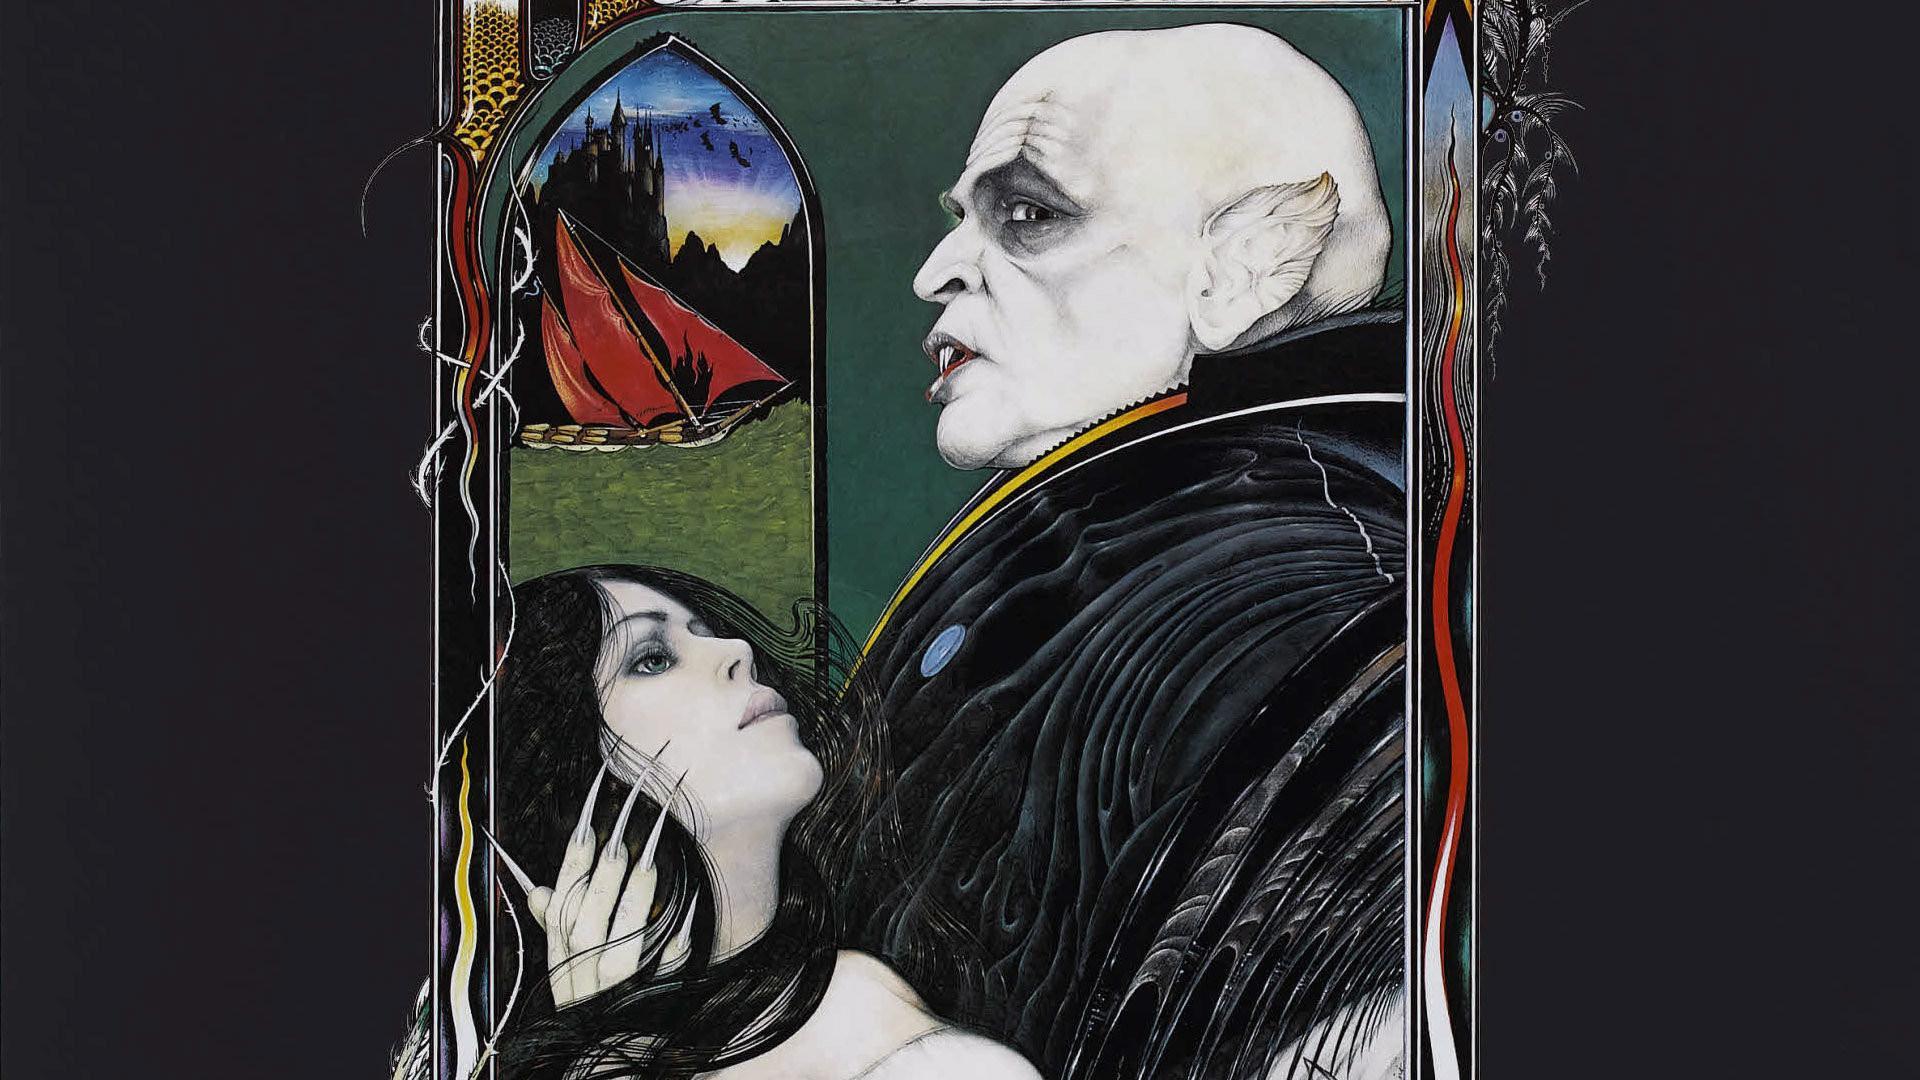 Nosferatu (1922/1979/2000)